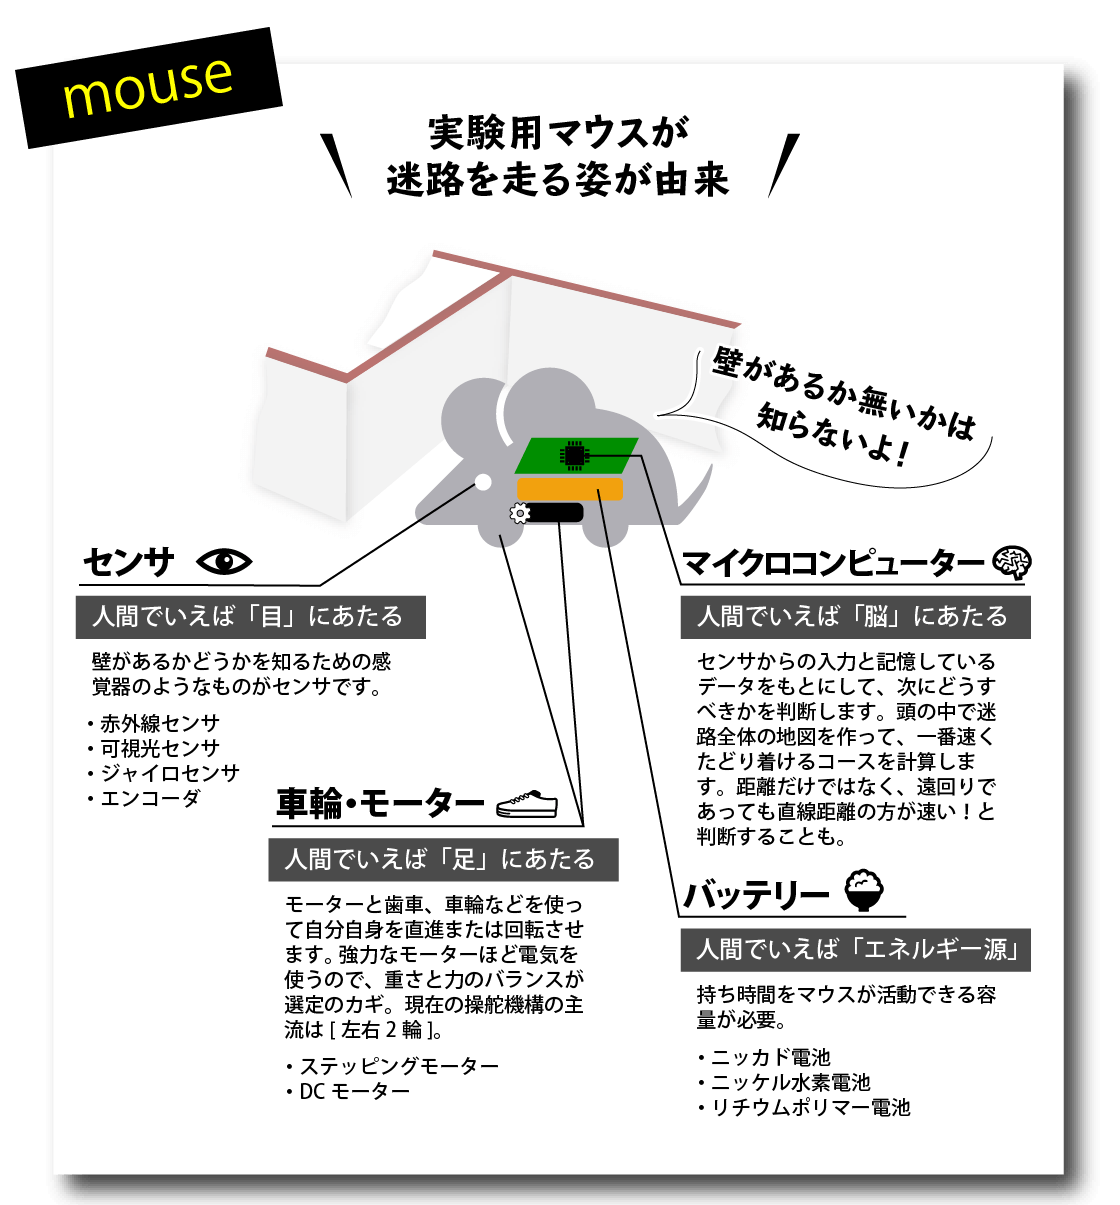 マイクロマウスの説明画像(実験用マウスが迷路を走る姿が由来。センサ(赤外線センサ・可視光センサ)、車輪・モーター(ステッピングモーター・DCモーター)、マイクロコンピューター、バッテリー(ニッカド電池・ニッケル水素電池・リチウムポリマー電池))